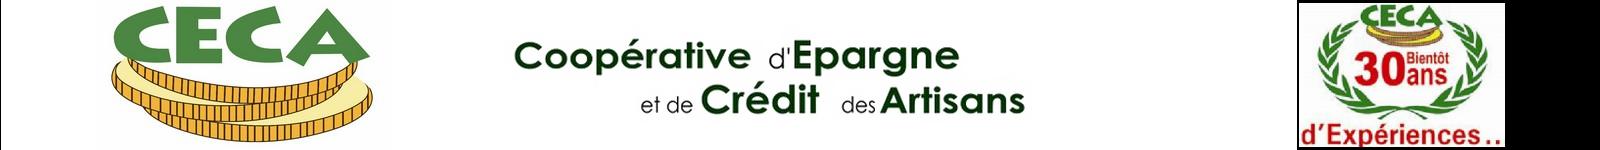 Coopérative d'Epargne et de Crédit des Artisans